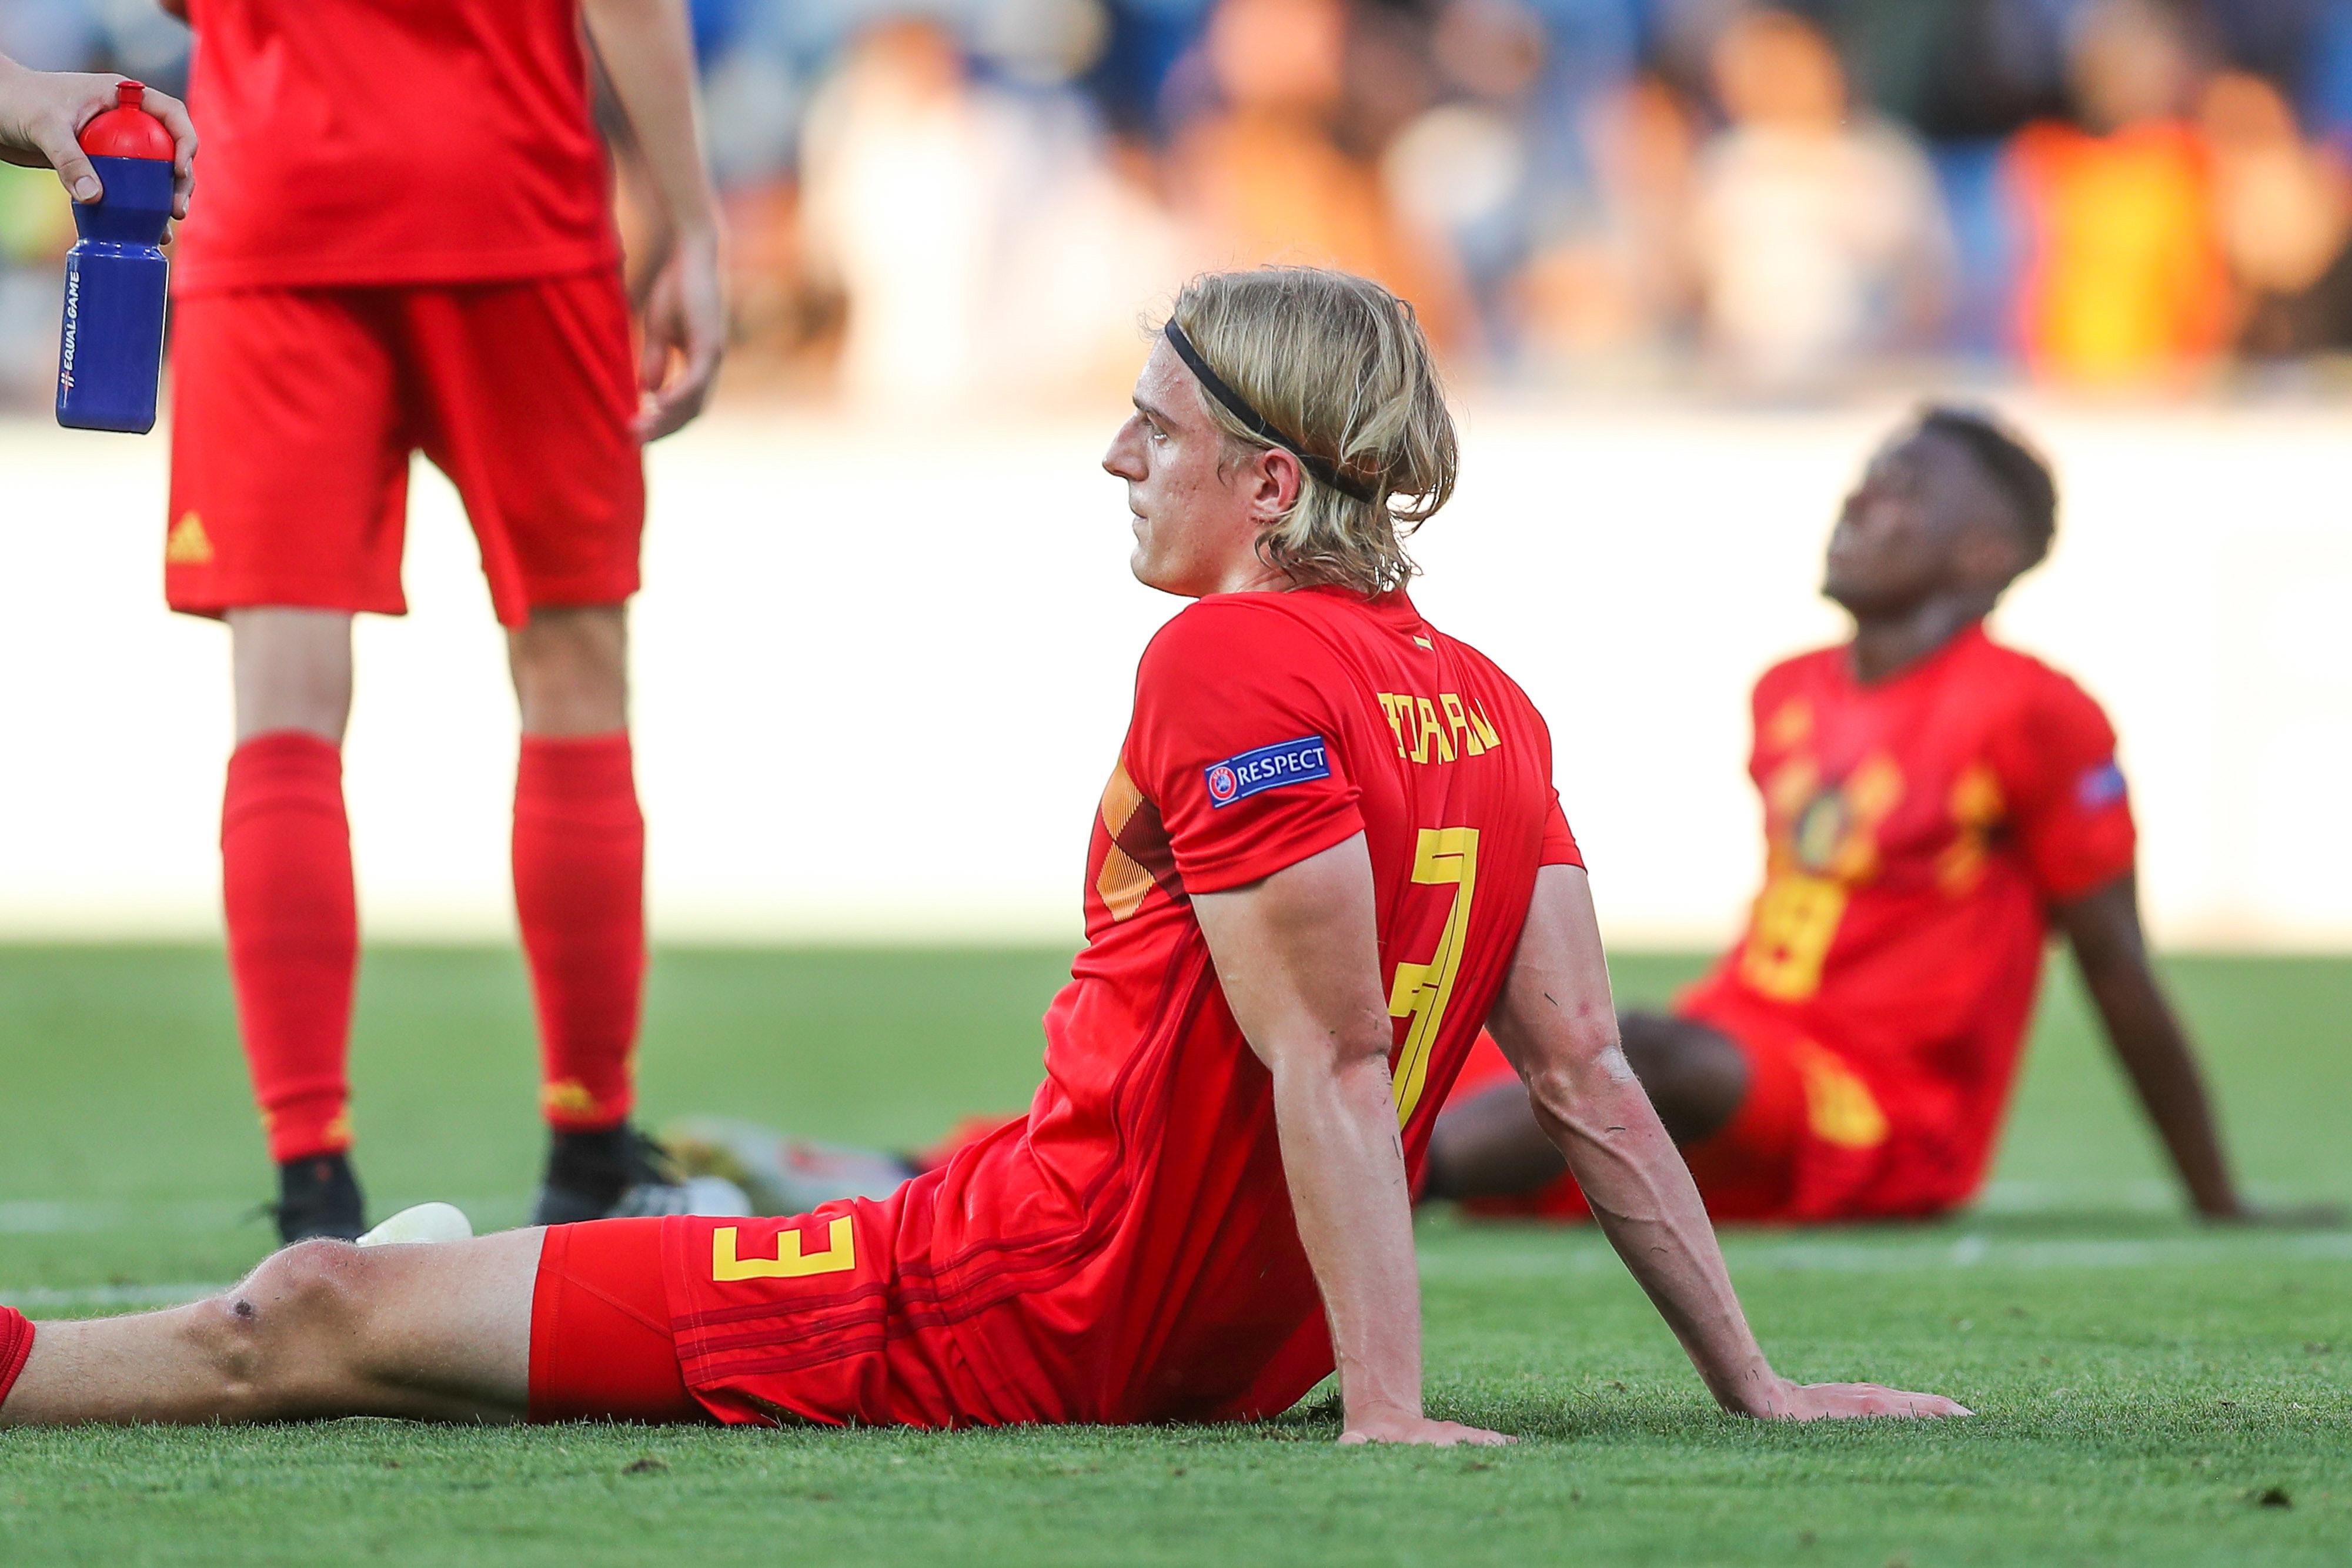 Belgium U21 - Bornauw